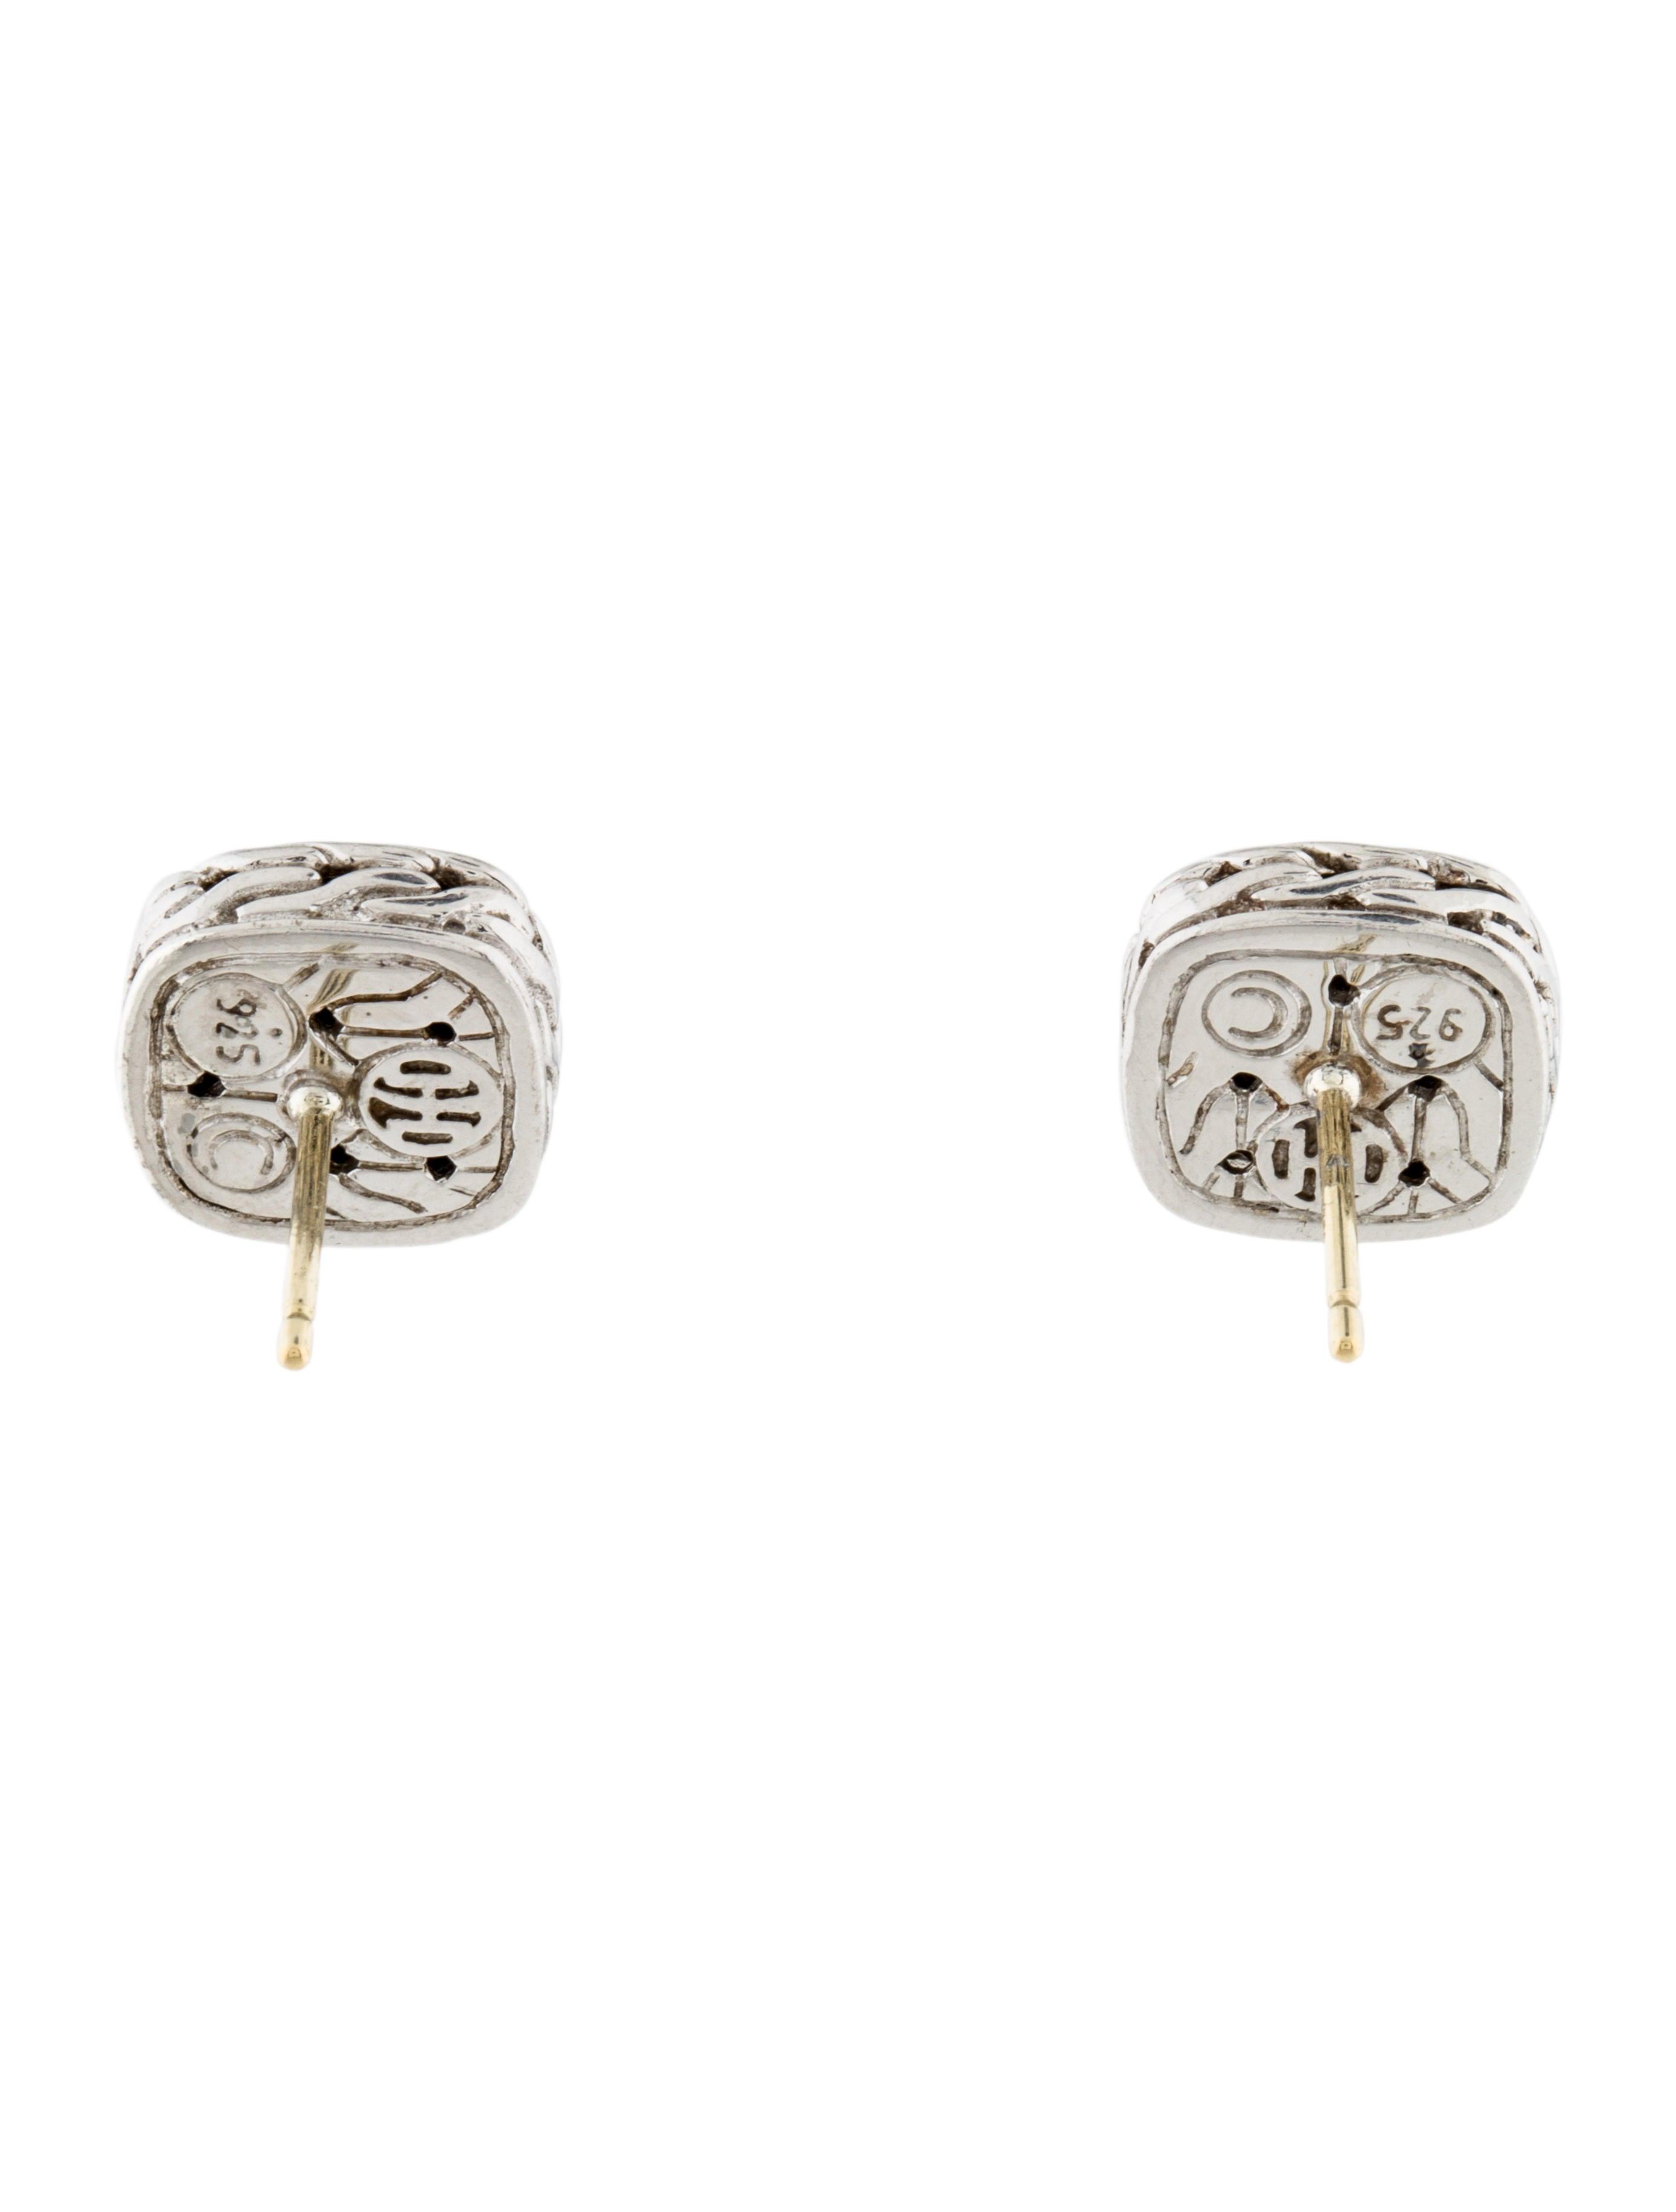 John hardy classic chain stud earrings earrings for John hardy jewelry earrings